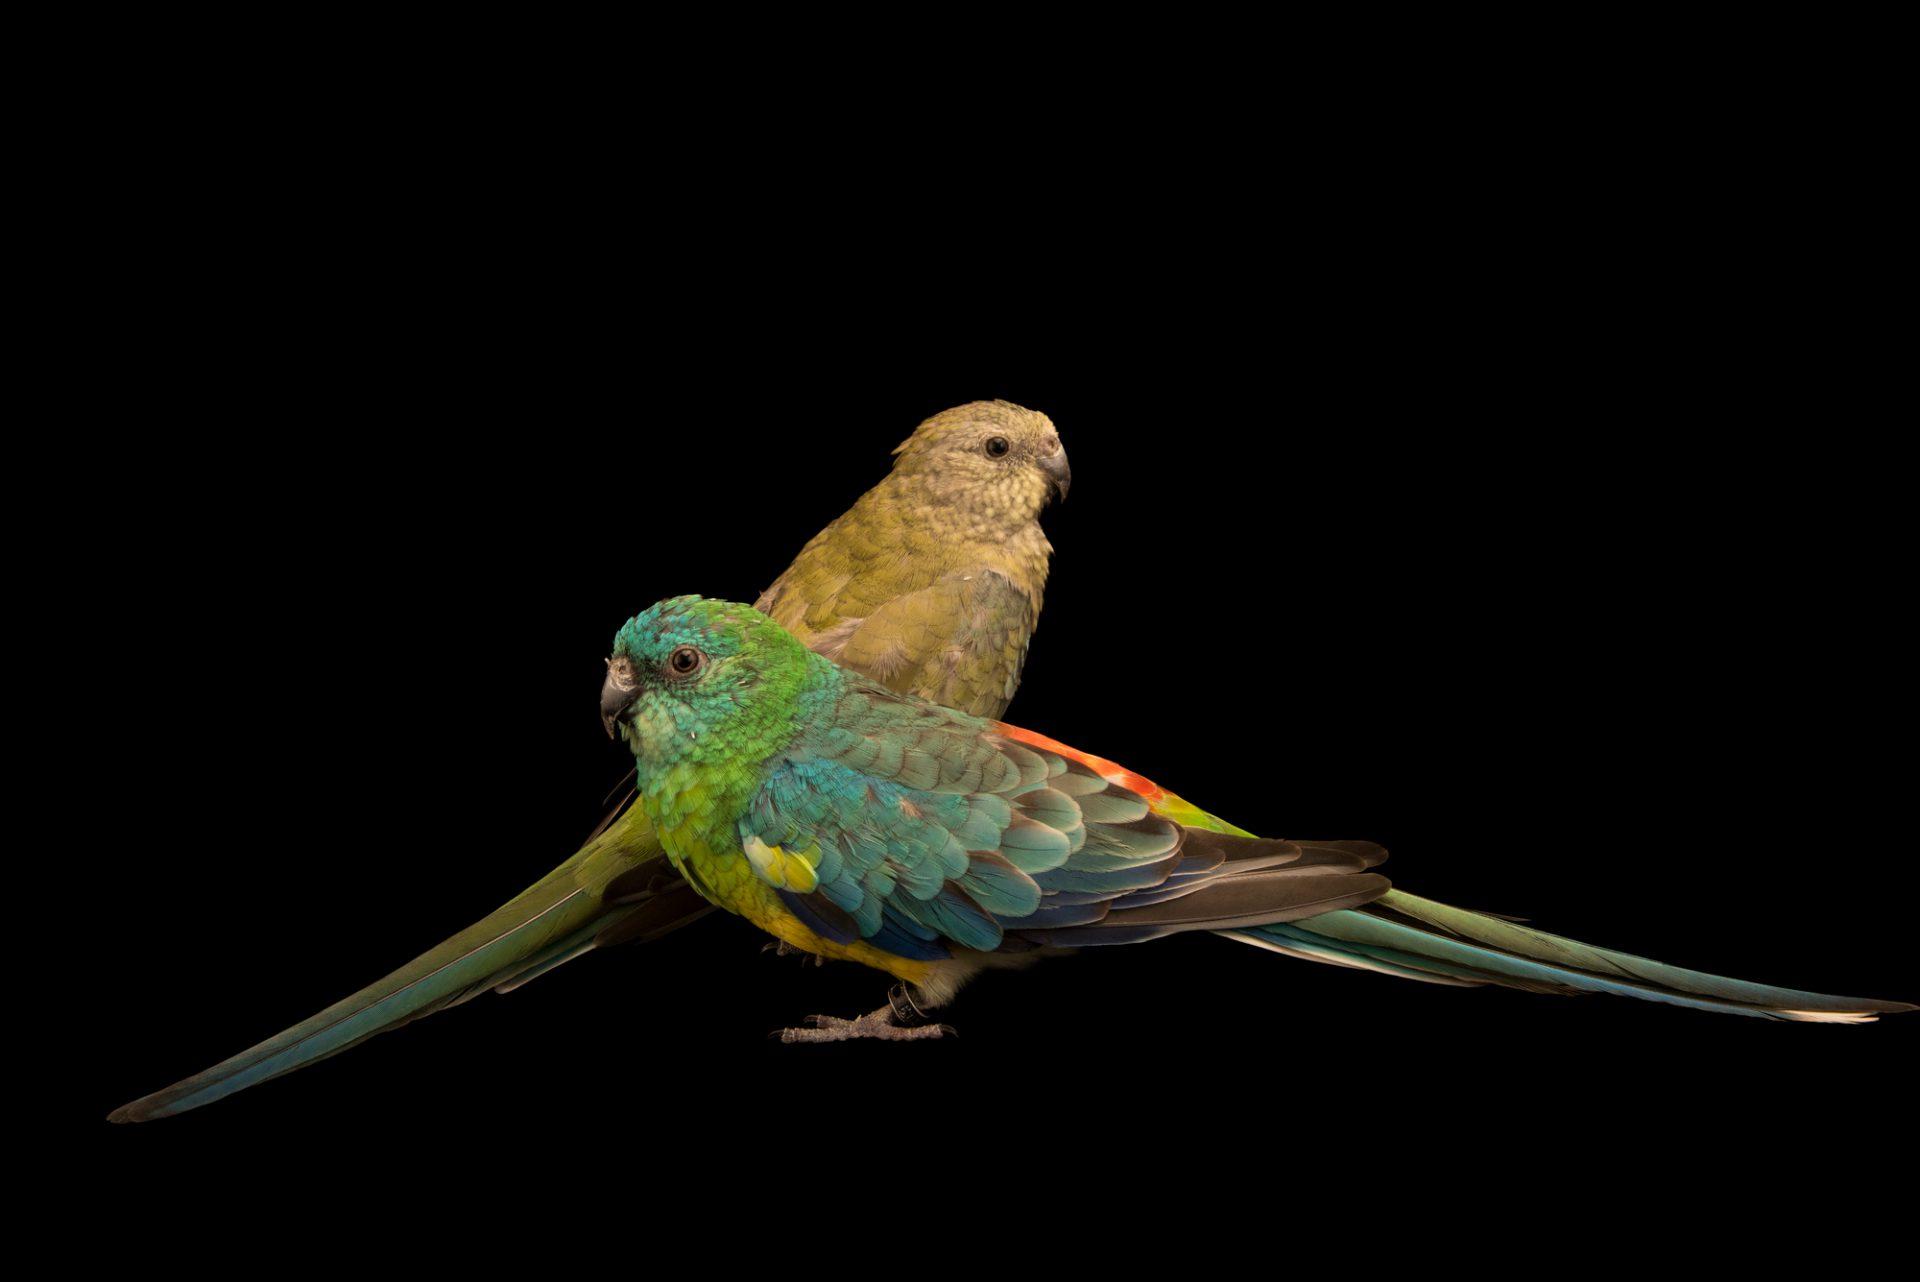 Photo: Red rumped parrot (Psephotus haematonotus) at Loro Parque Fundacion.